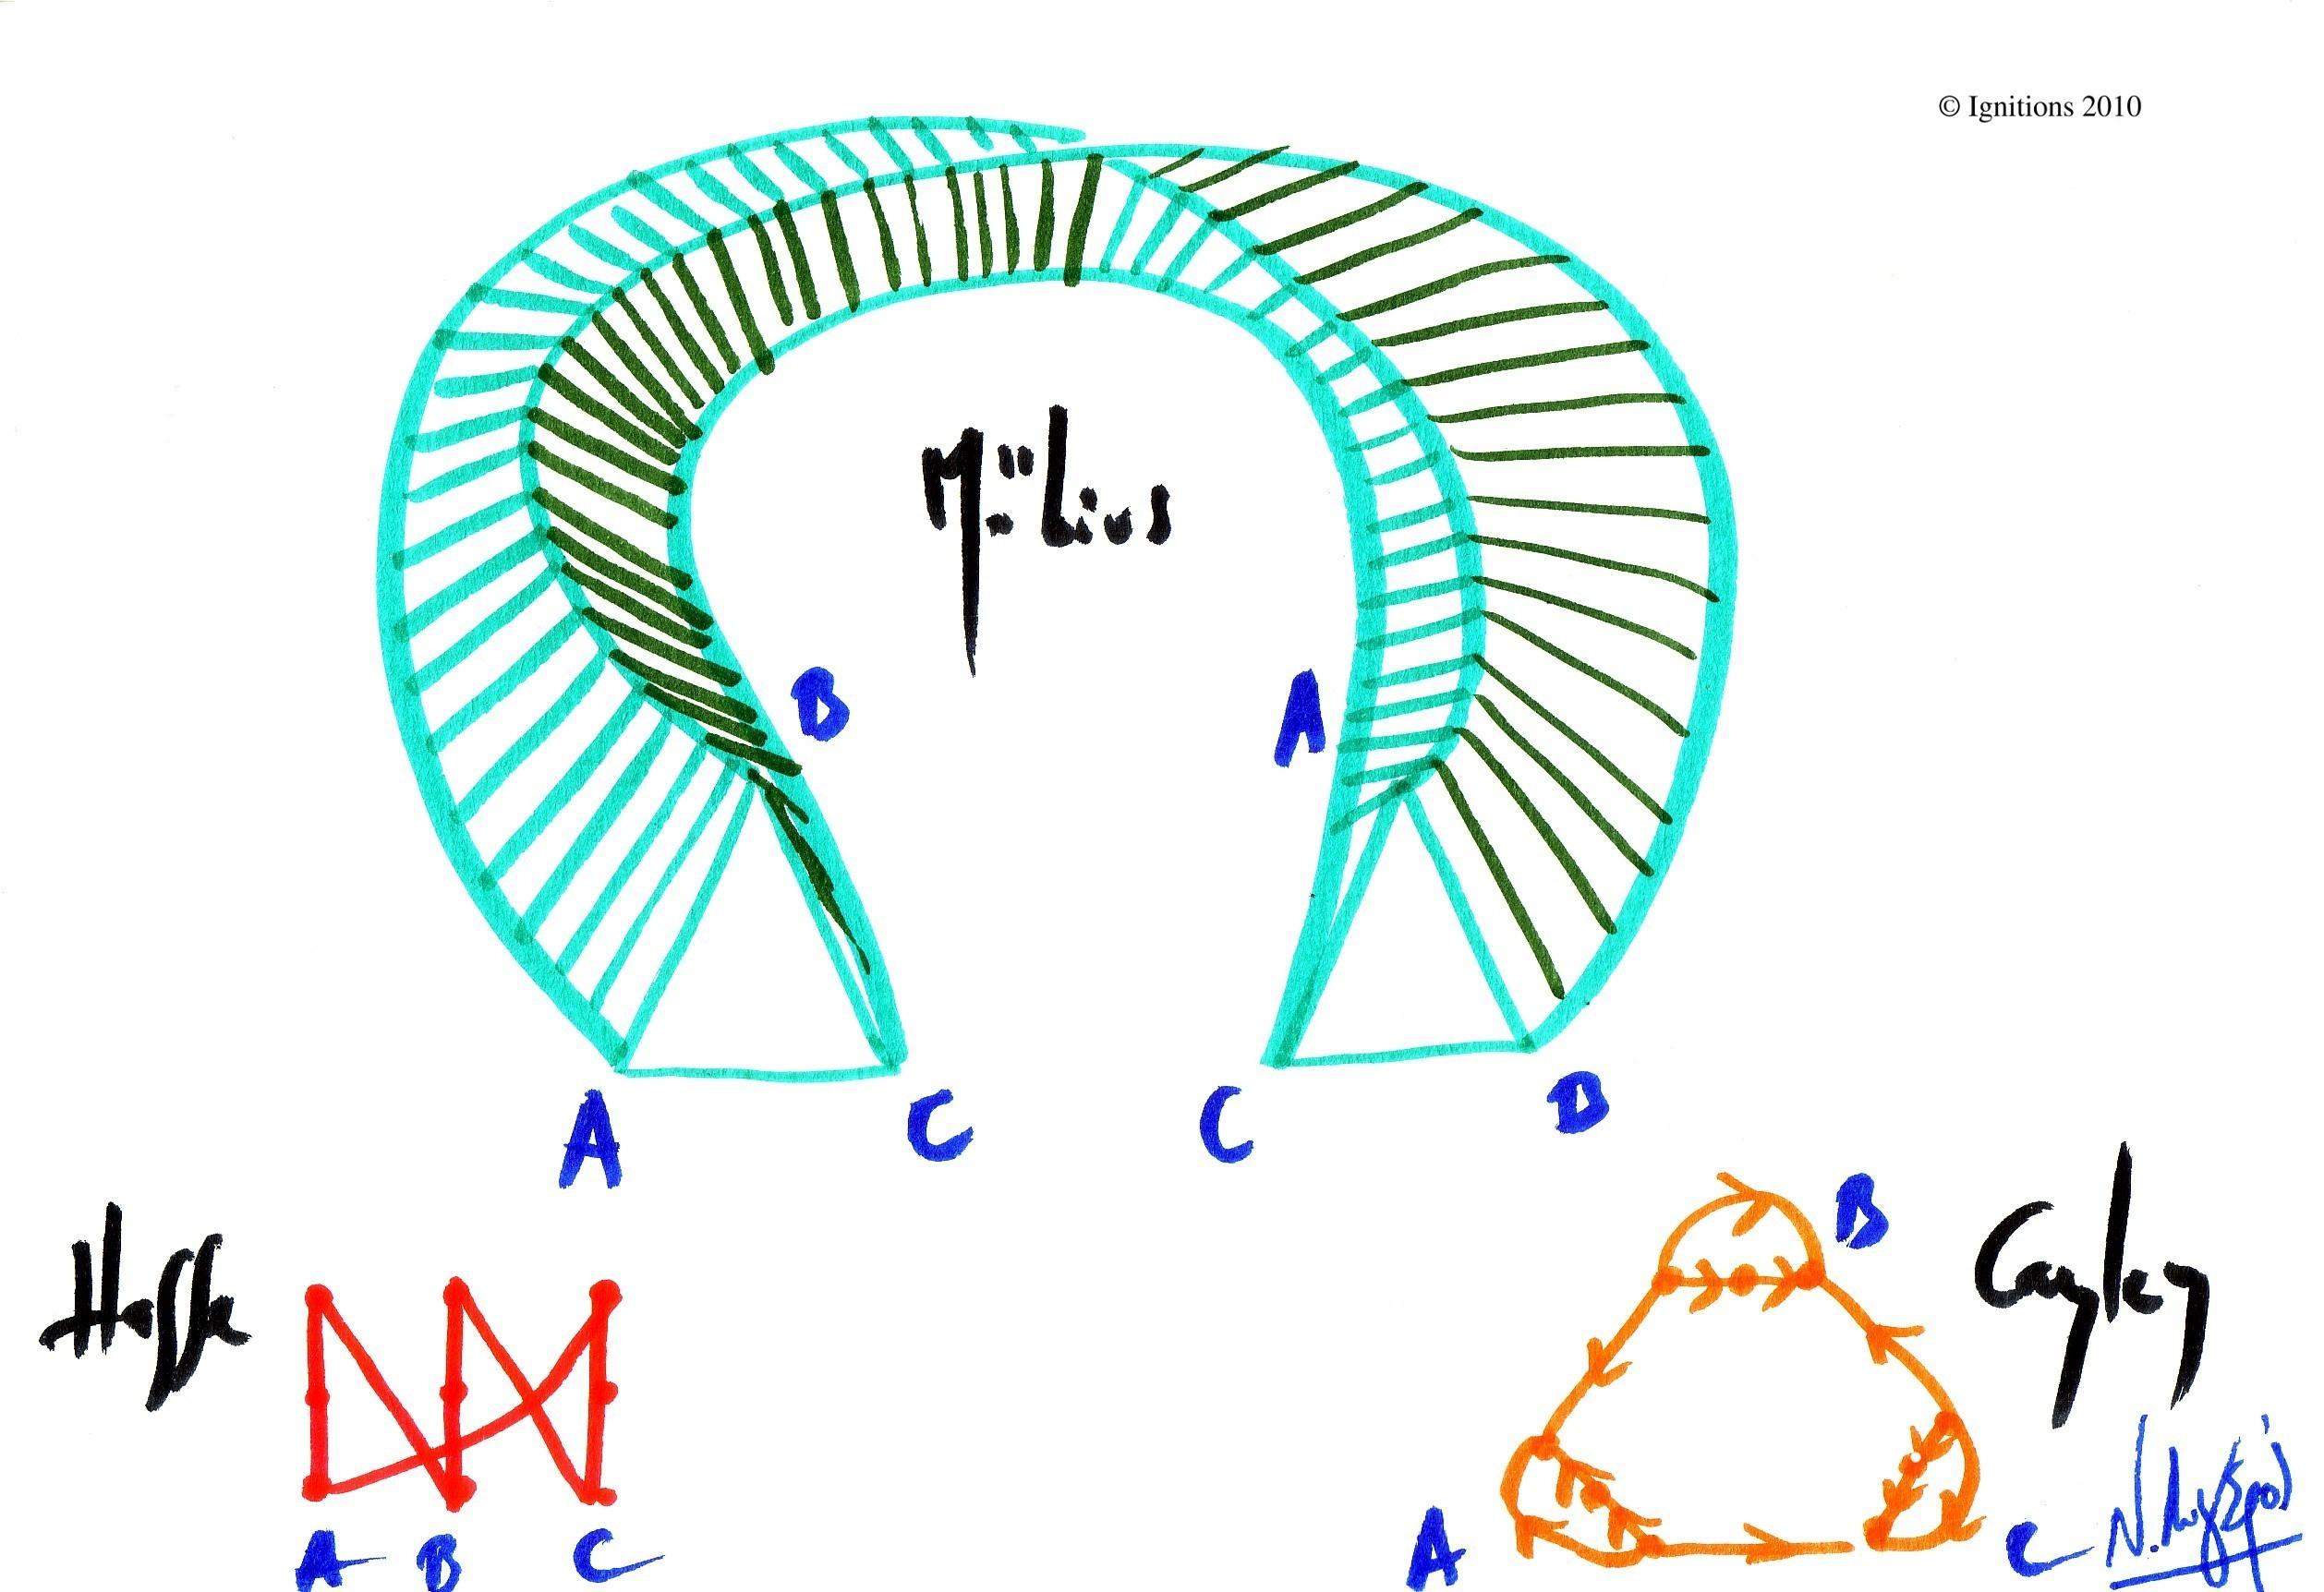 Diagramme de Hasse, Graphe de Cayley et Ruban de Moebius...